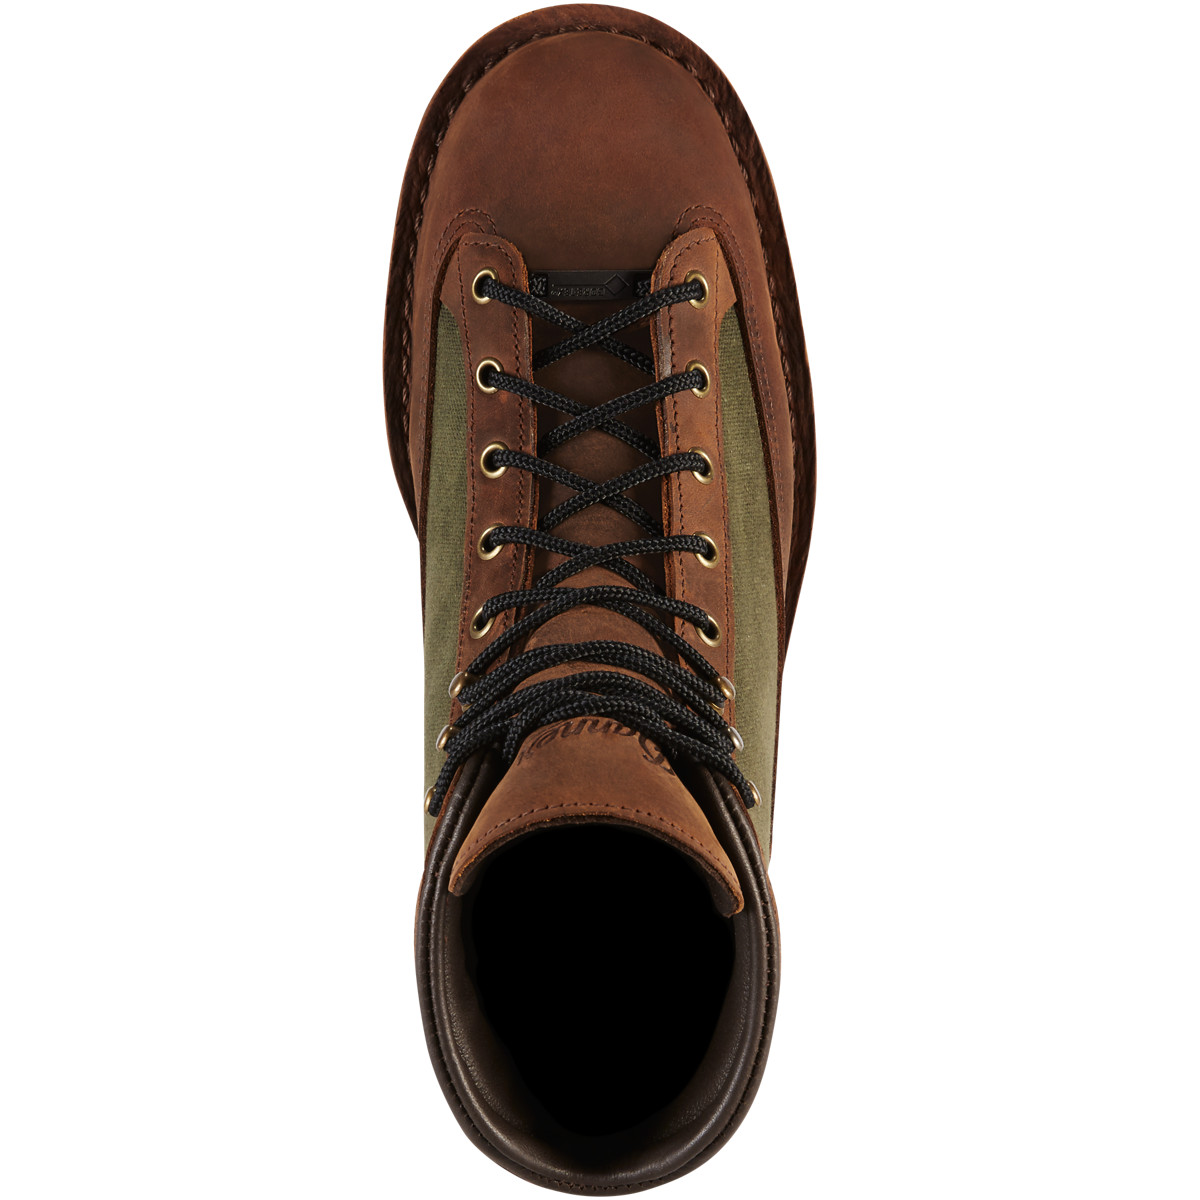 Danner Ridge Dark Brown/Forest Green